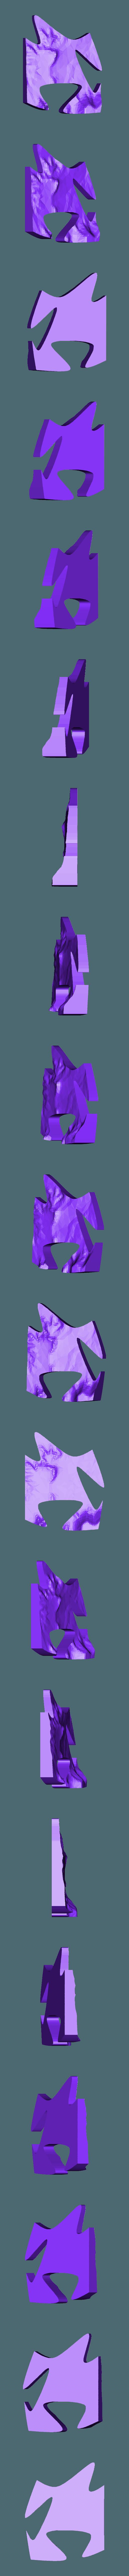 08.stl Télécharger fichier STL gratuit Echelle épique - Terrain - Zion NP • Objet à imprimer en 3D, TCP491016